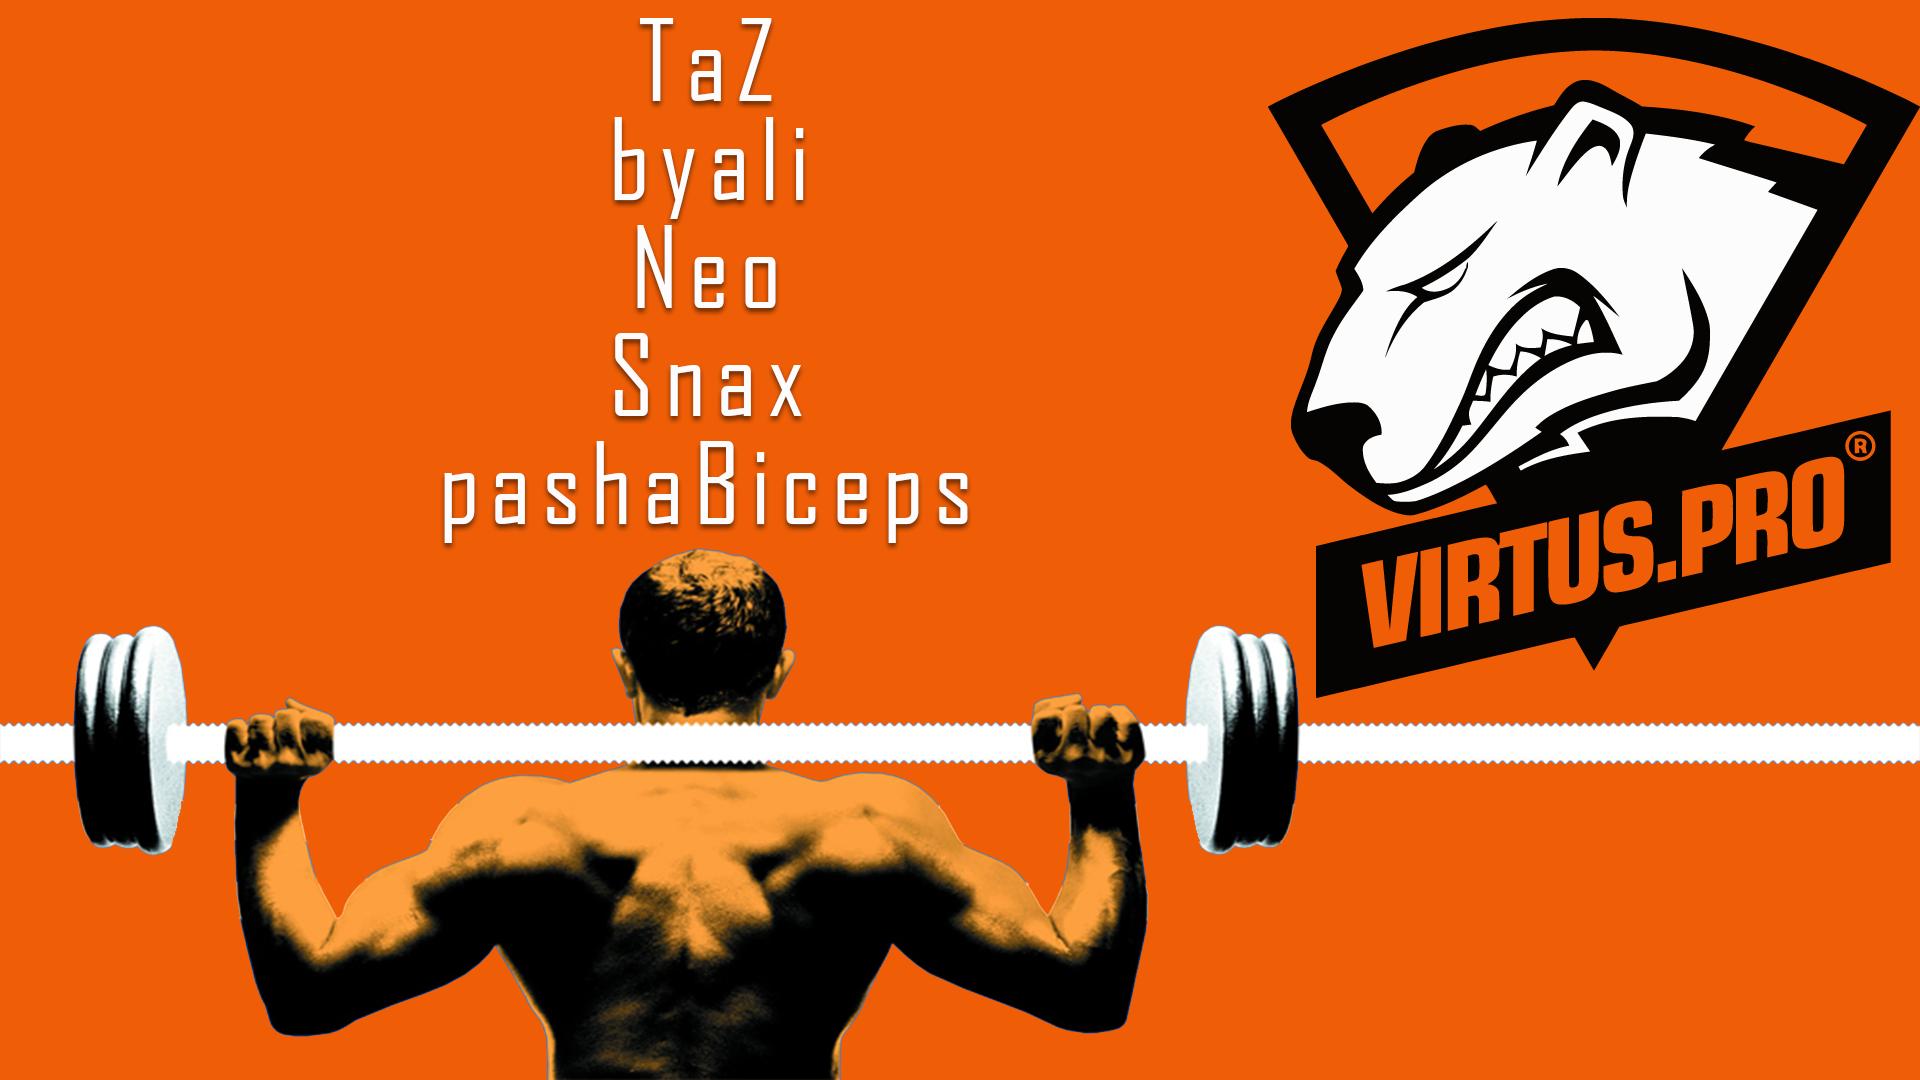 Virtus Pro Biceps